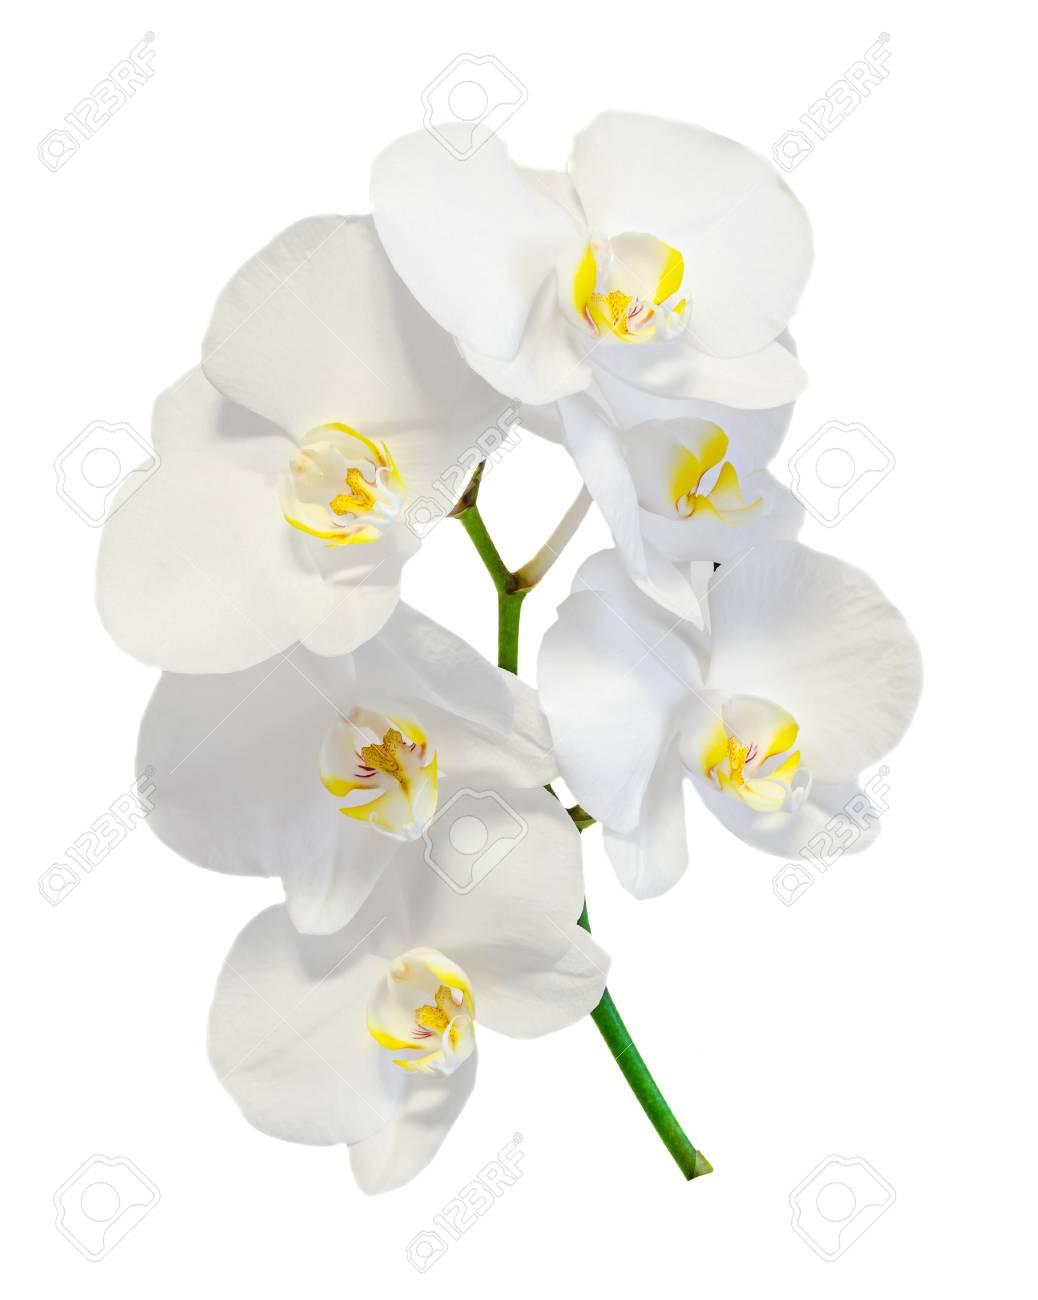 白い蘭の花、ラン、ファレノプシス、胡蝶蘭と呼ばれるには、ポル ...